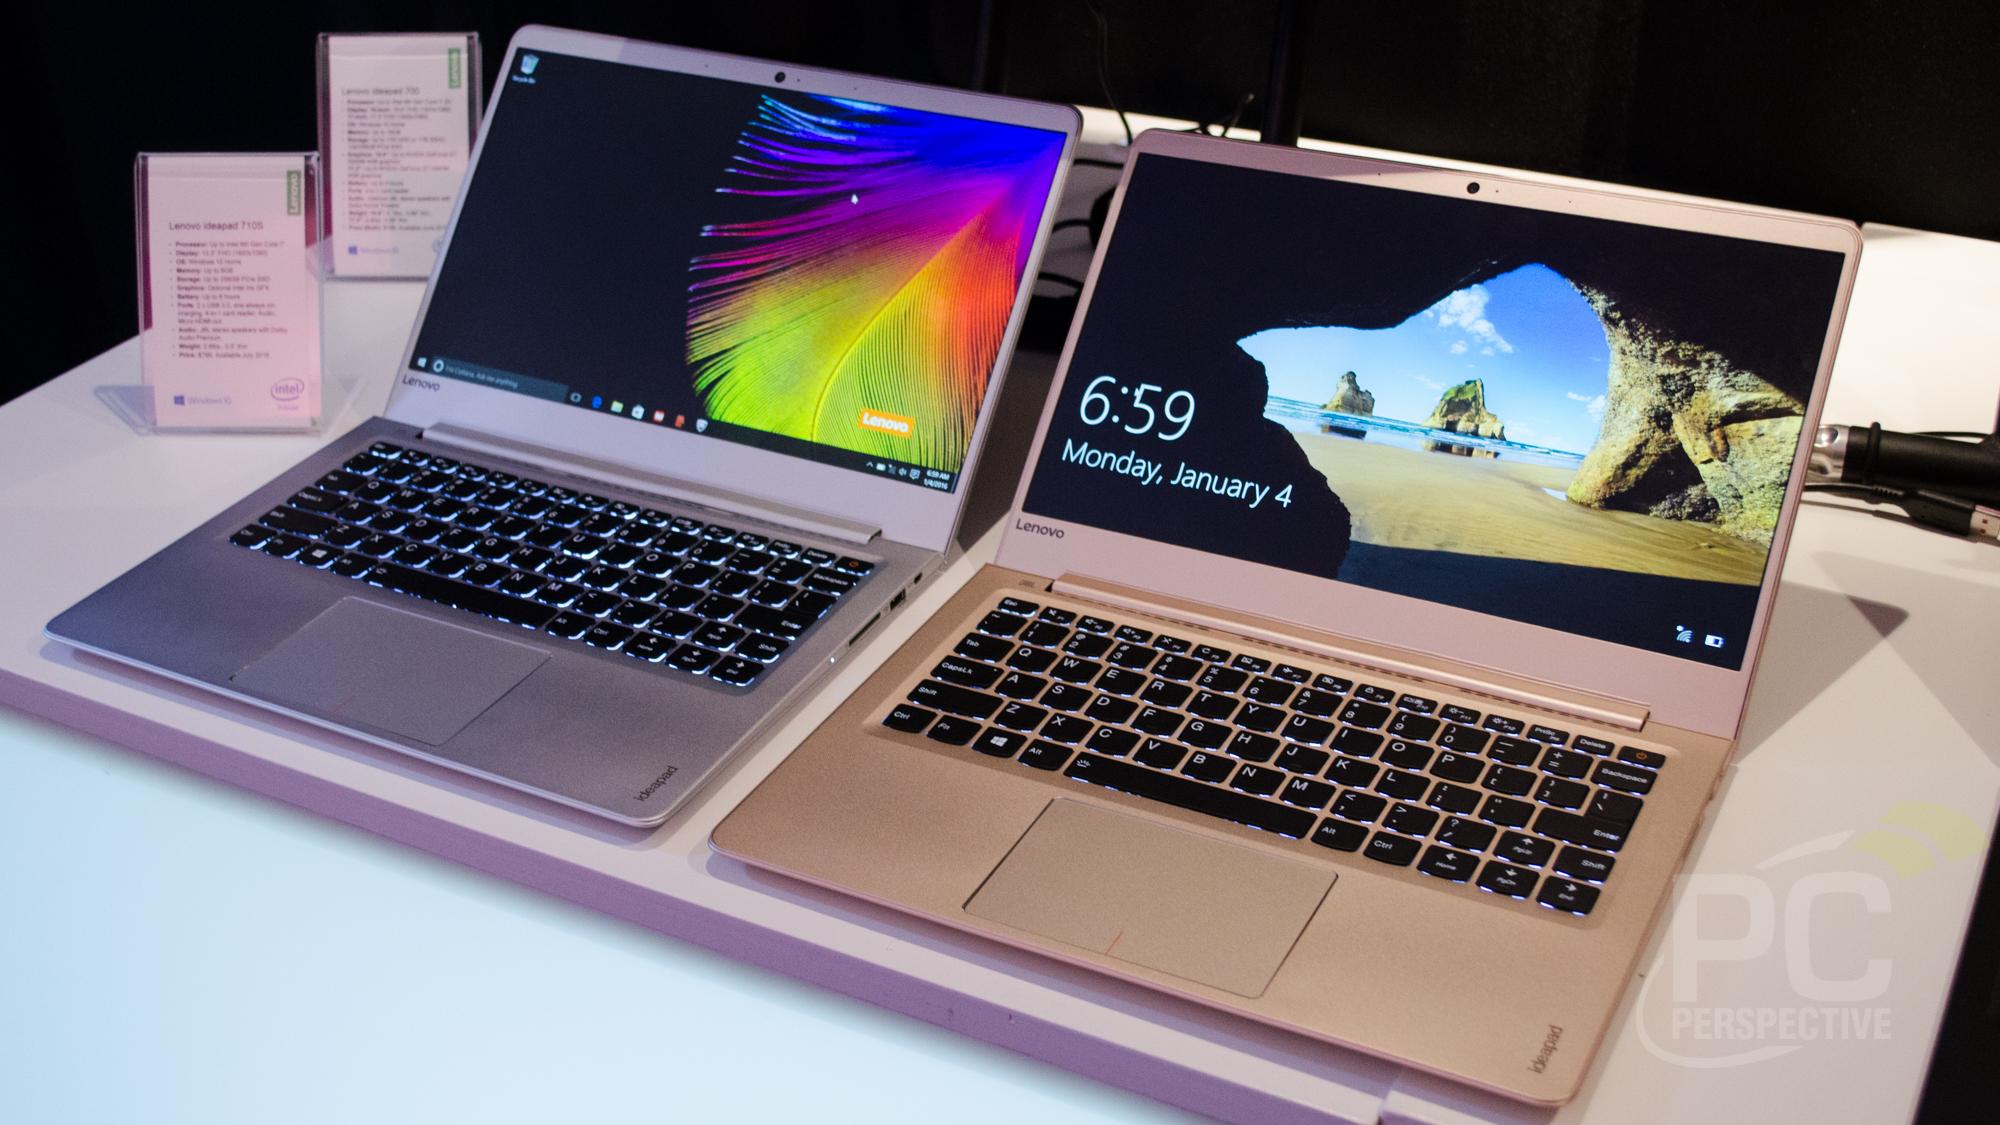 CES 2016: Lenovo ideapad 710S Notebook